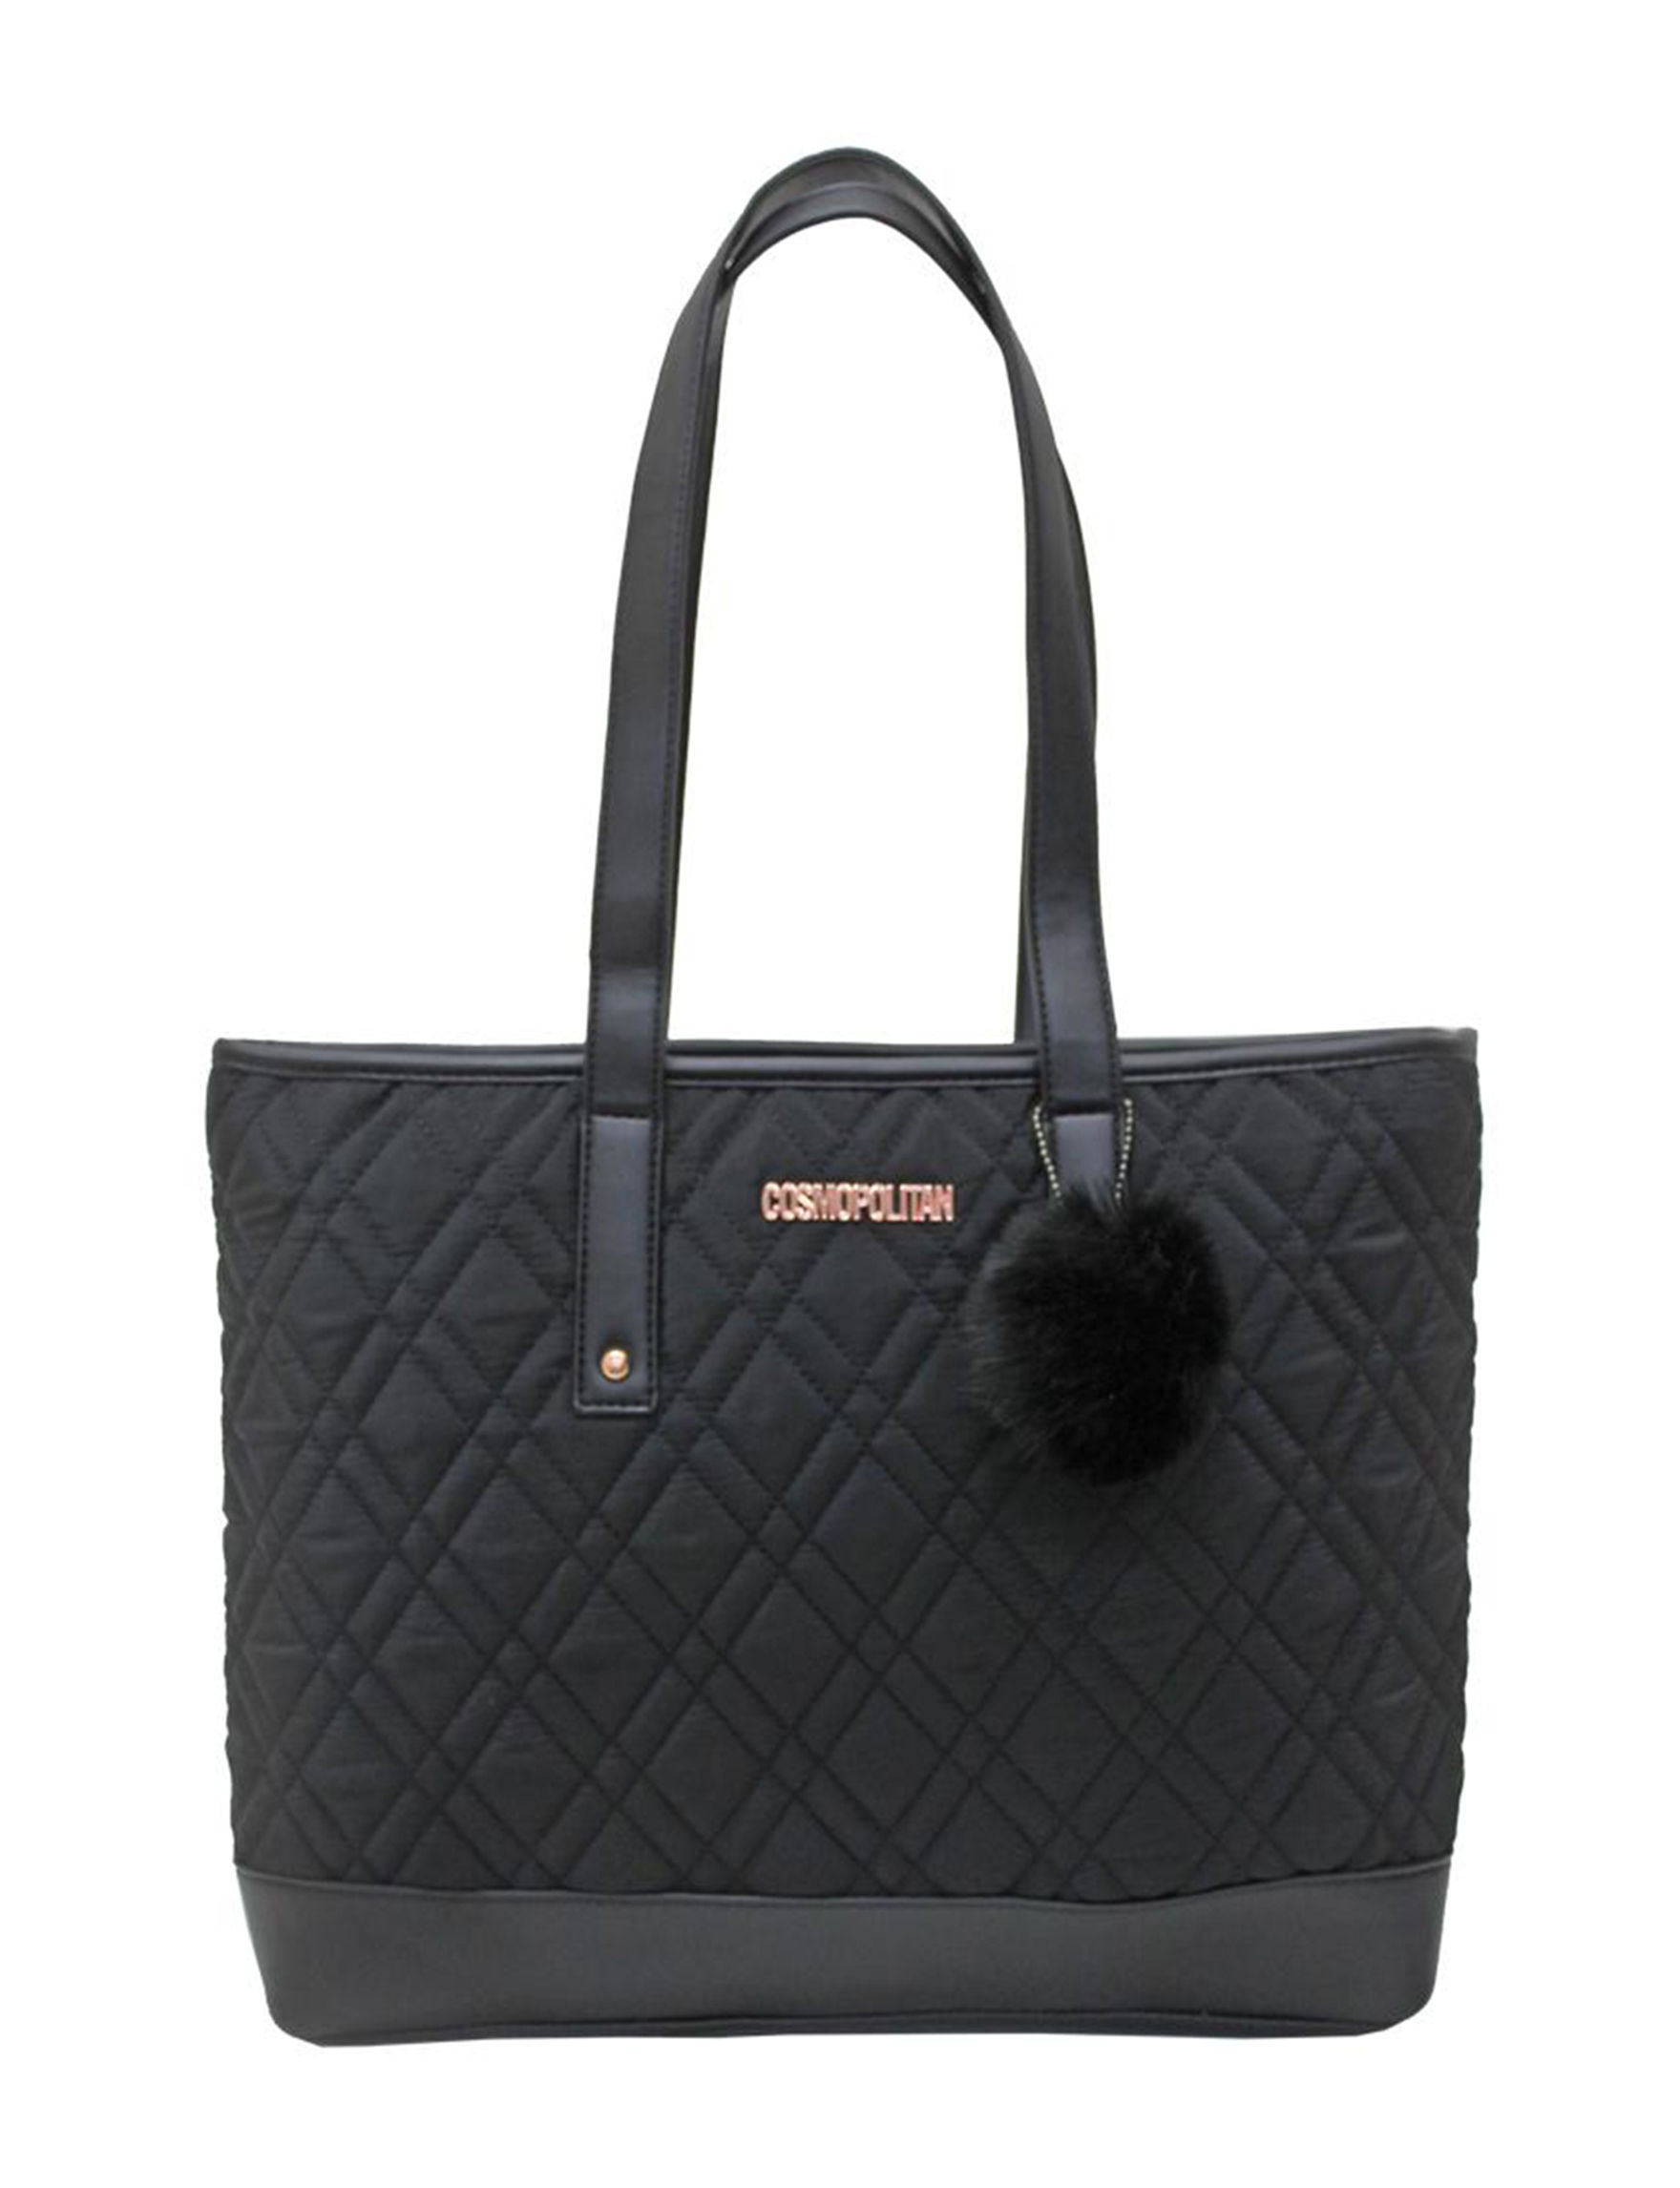 Cosmopolitan Black Travel Accessories Weekend Bags